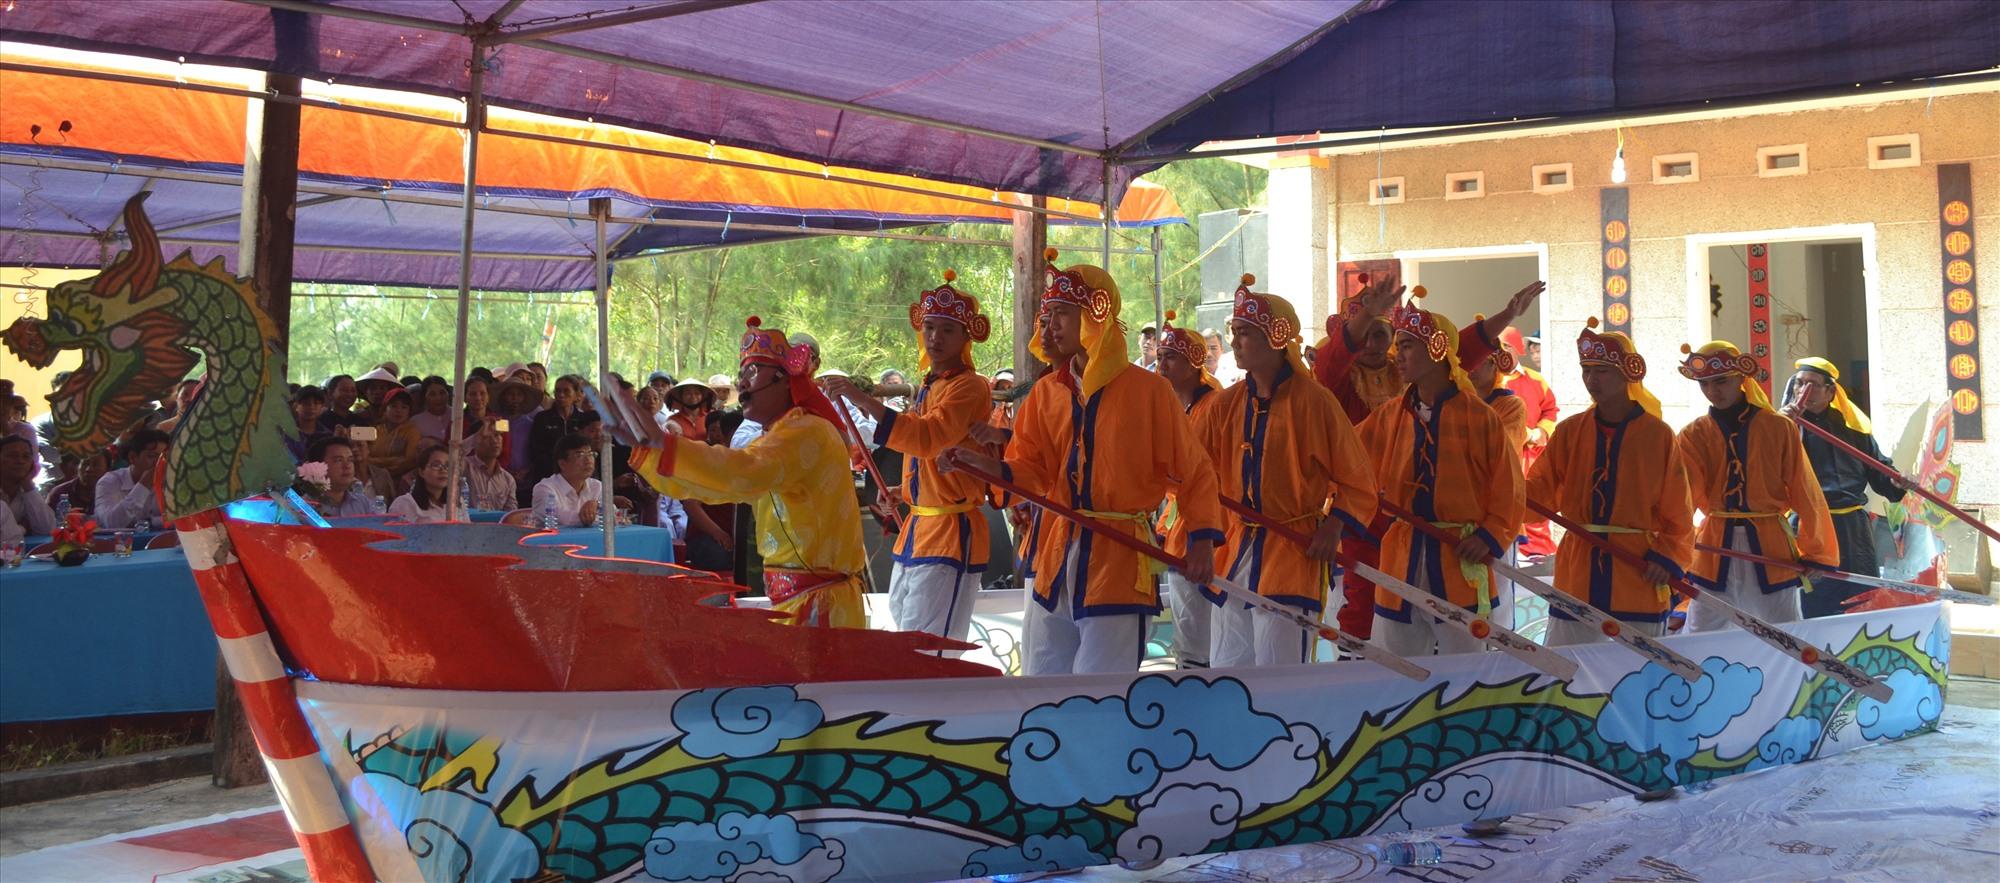 Lễ hội cầu ngư và hát bả trạo của cư dân làng biển.Ảnh: Q.V